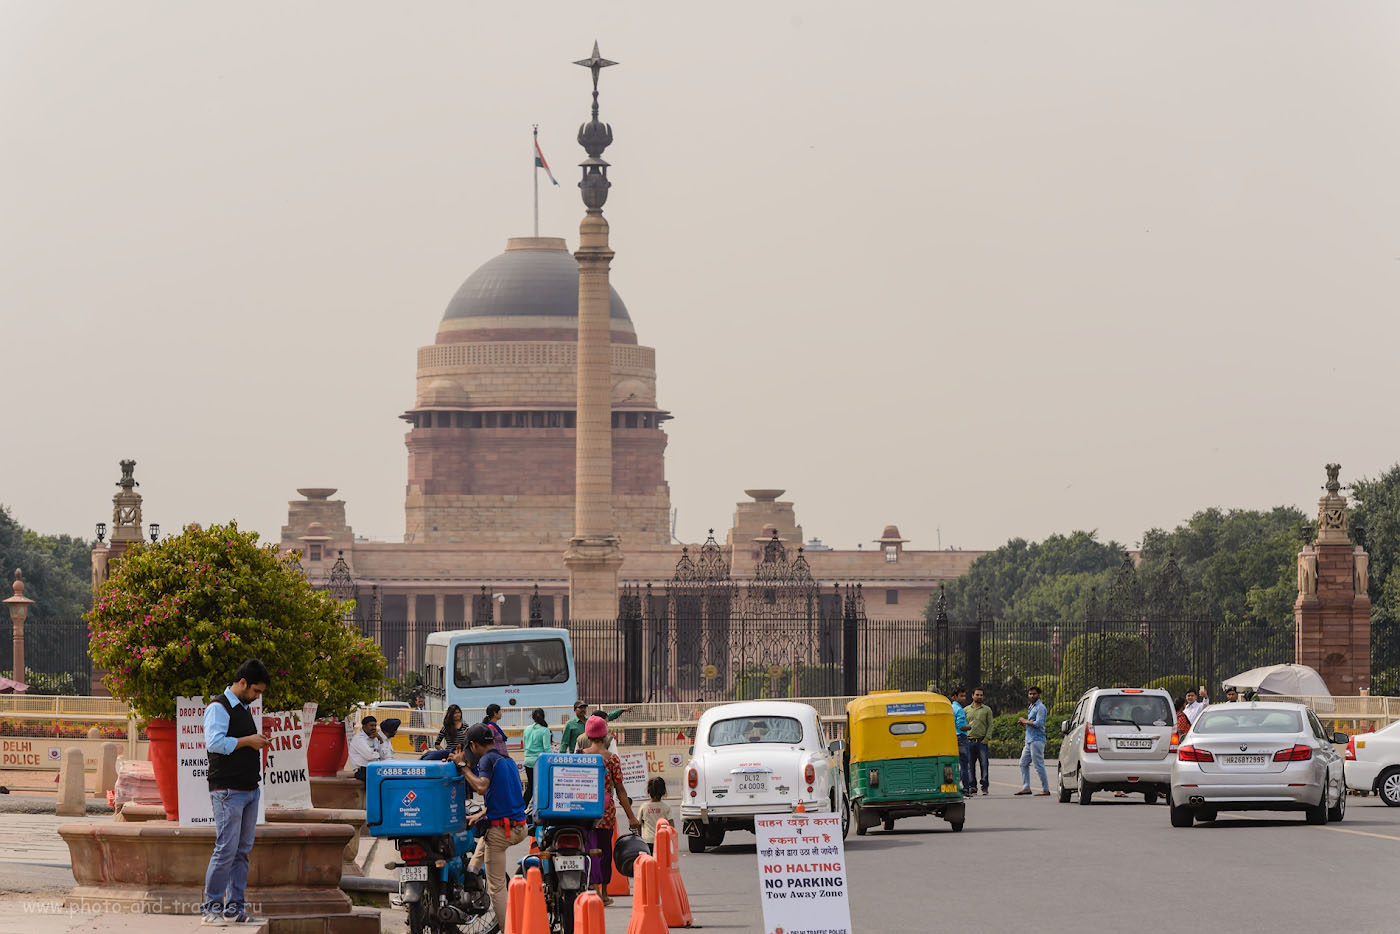 Снимок 31. Дворец президента Раштрапати-Бхаван. Перед ним - Джайпурская колонна, подаренная махараджей Джайпура при строительстве дворца в 1911 году по поводу переноса столицы Индии из Калькутты в Дели.